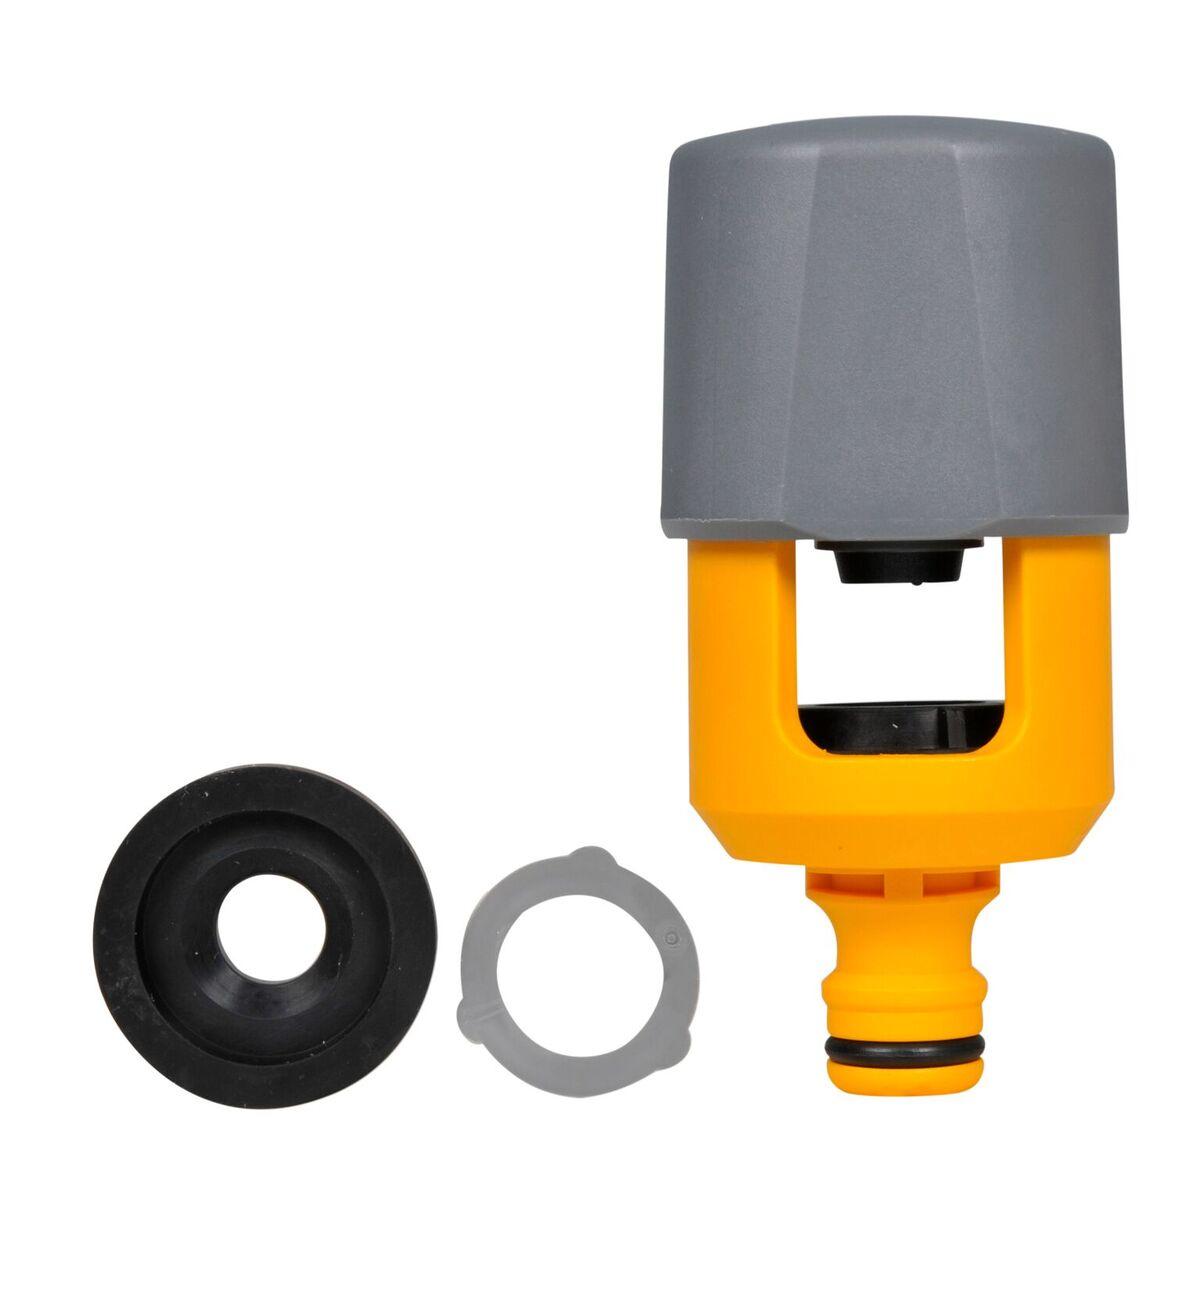 Коннектор шланга Hozelock 2274 для крана-смесителя до 43 мм на 34 мм, желтый, серый, черный